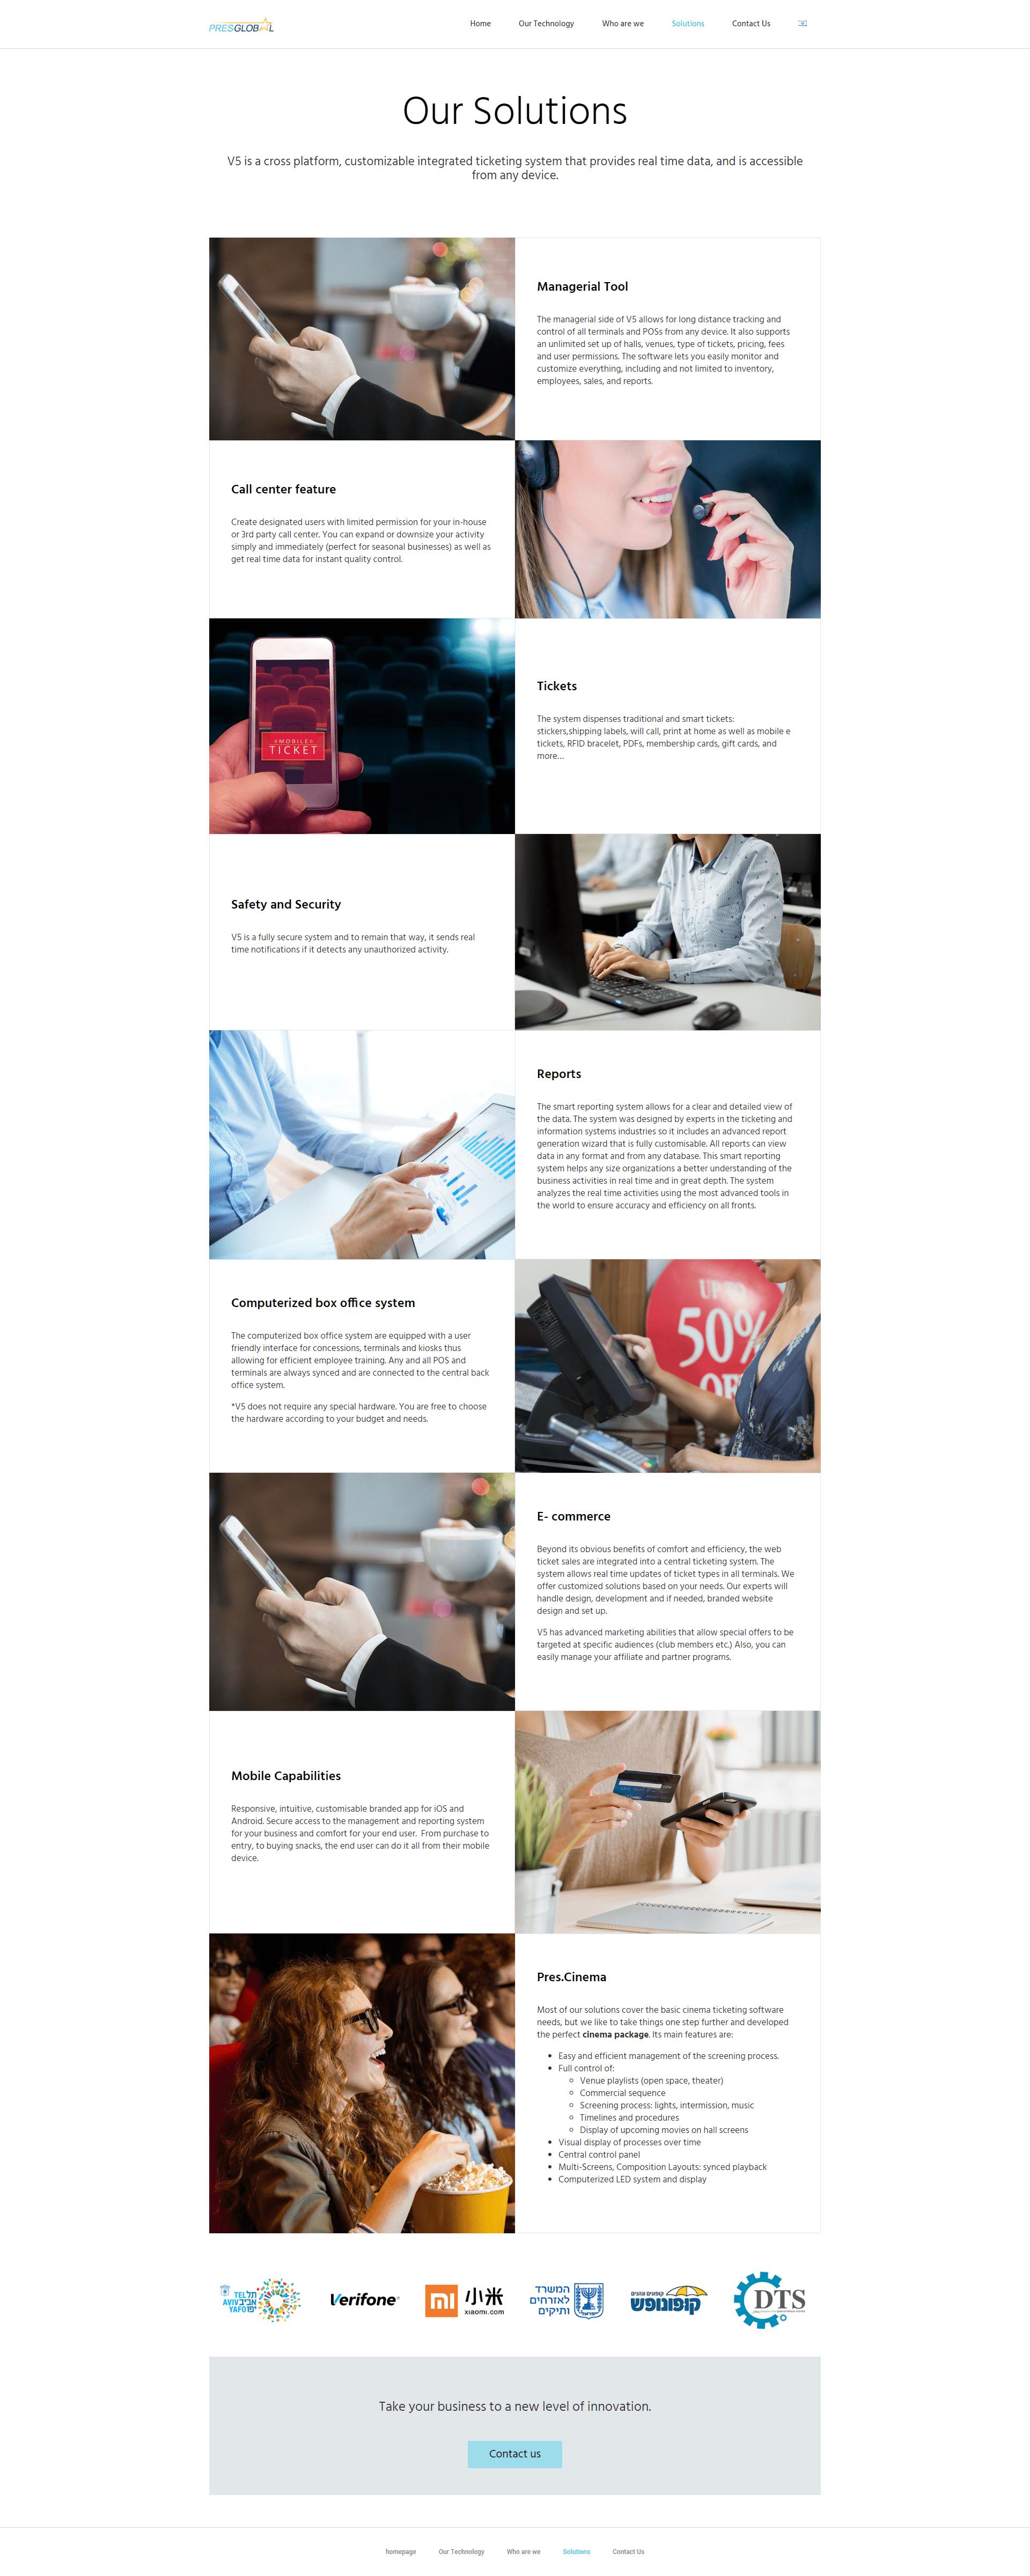 PresGlobal אתר תדמית דף פתרונות